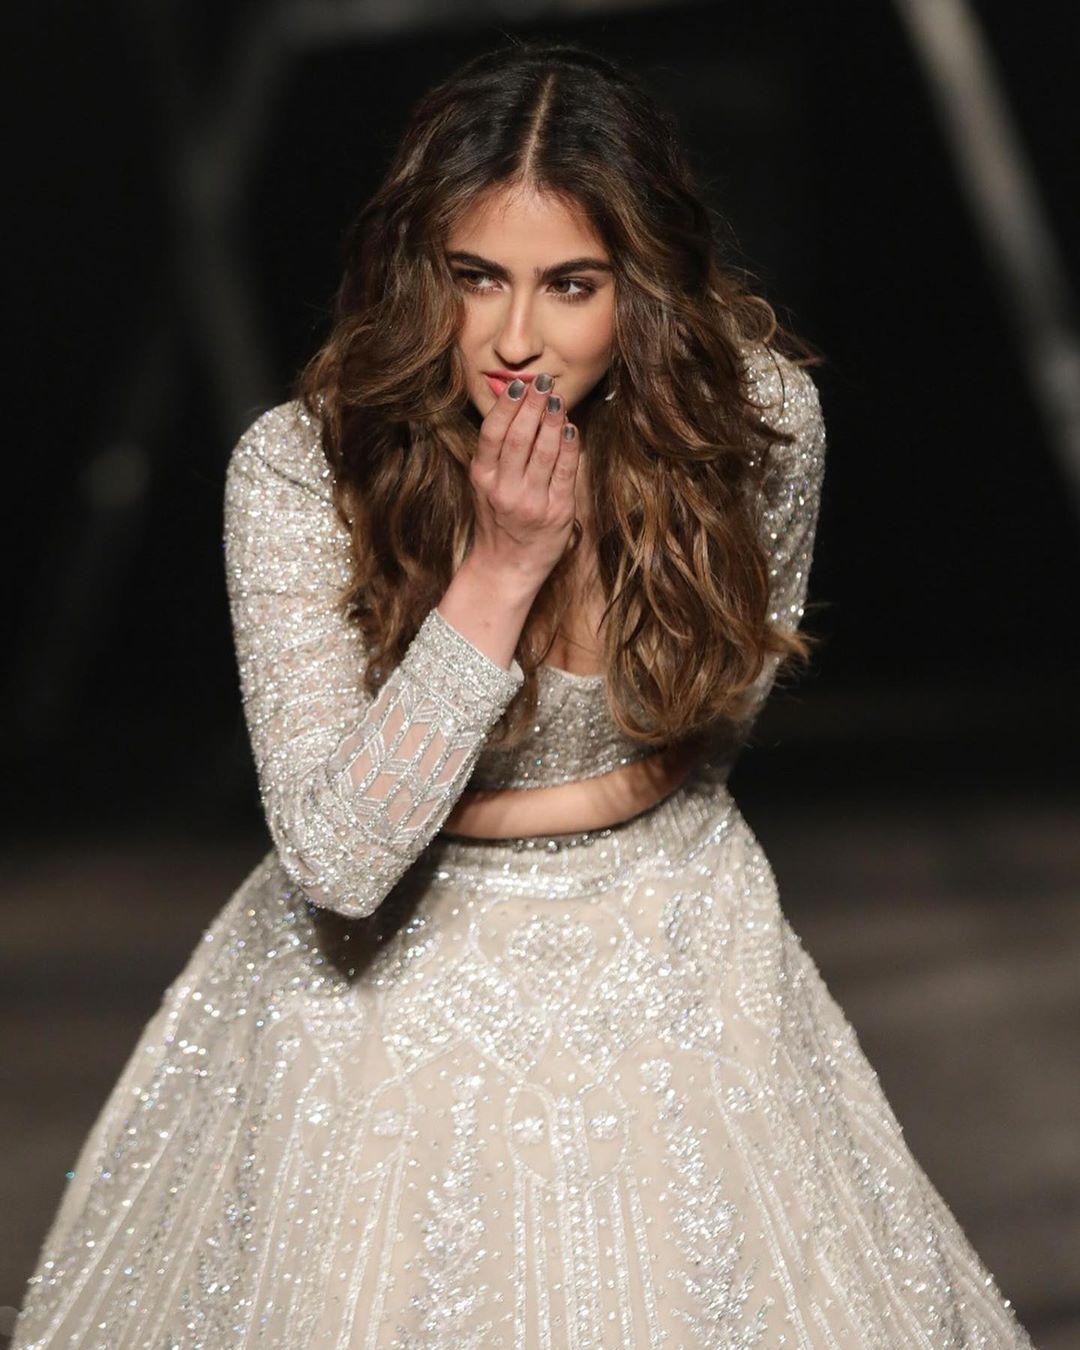 बॉलिवूड अभिनेत्री साला अली खान आज तिचा 24 वा वाढदिवस साजरा करत आहे. सारा ही सैफ अली खान आणि अमृता सिंगची मुलगी आहे. अमृताशी घटस्फोट घेतल्यानंतर सैफने करिना कपूरशी लग्न केलं.